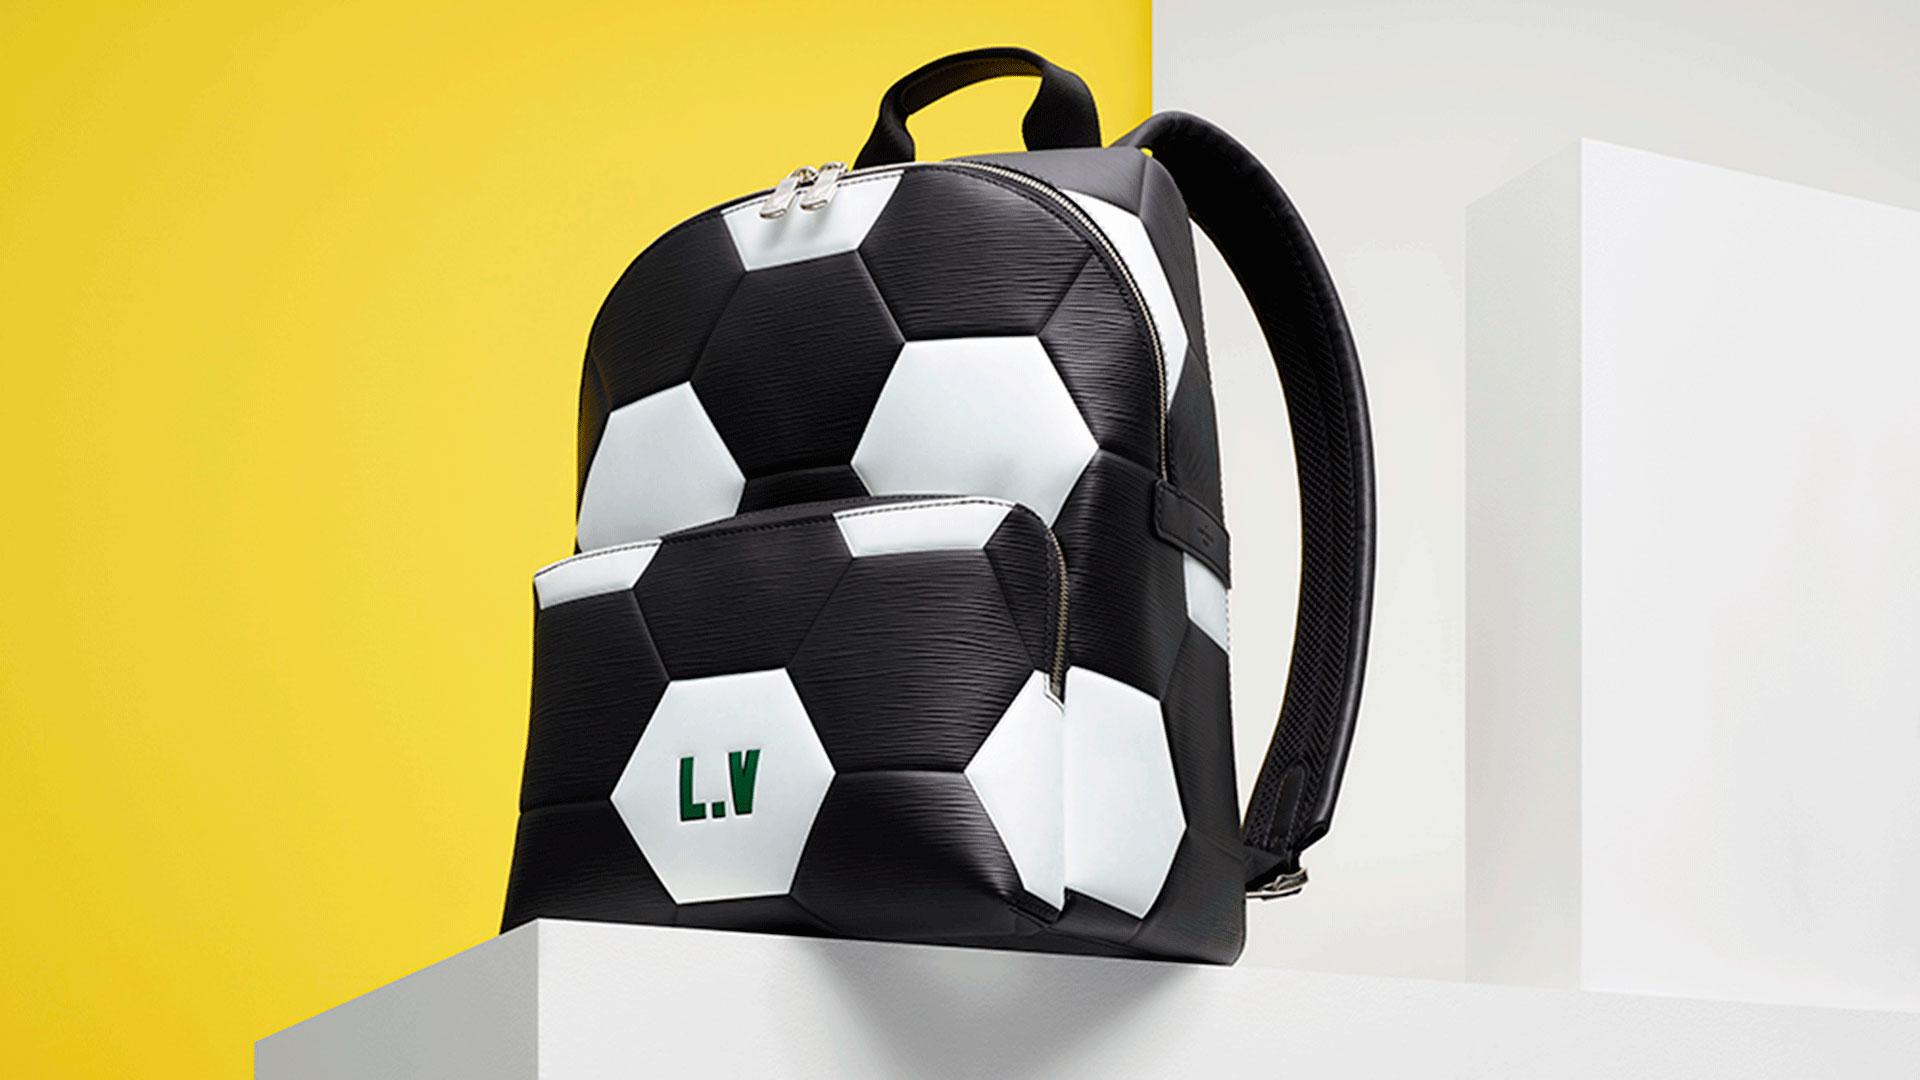 Mochila de Louis Vuitton para FIFA